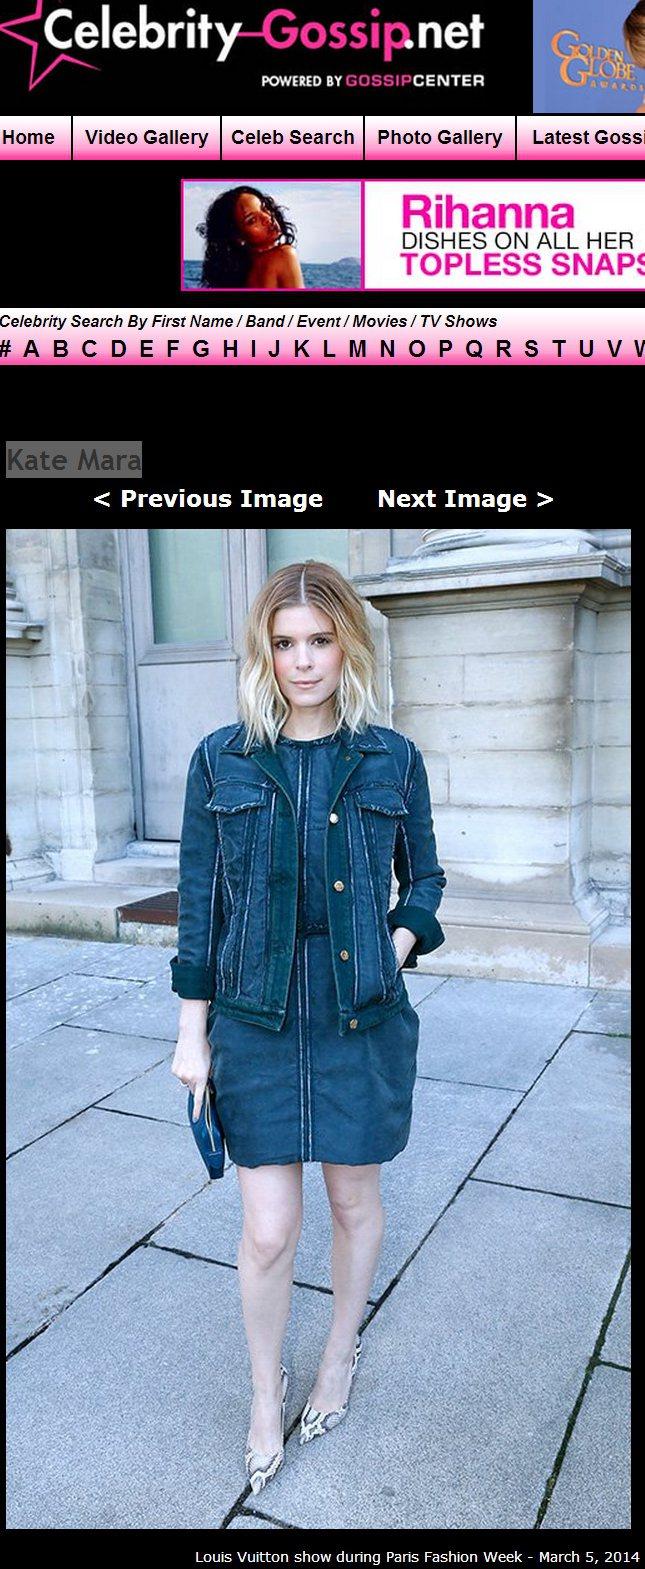 Kate Mara 簡單地套上藍色連身裙與同色外套展現率性風範,有如水彩渲染過的...